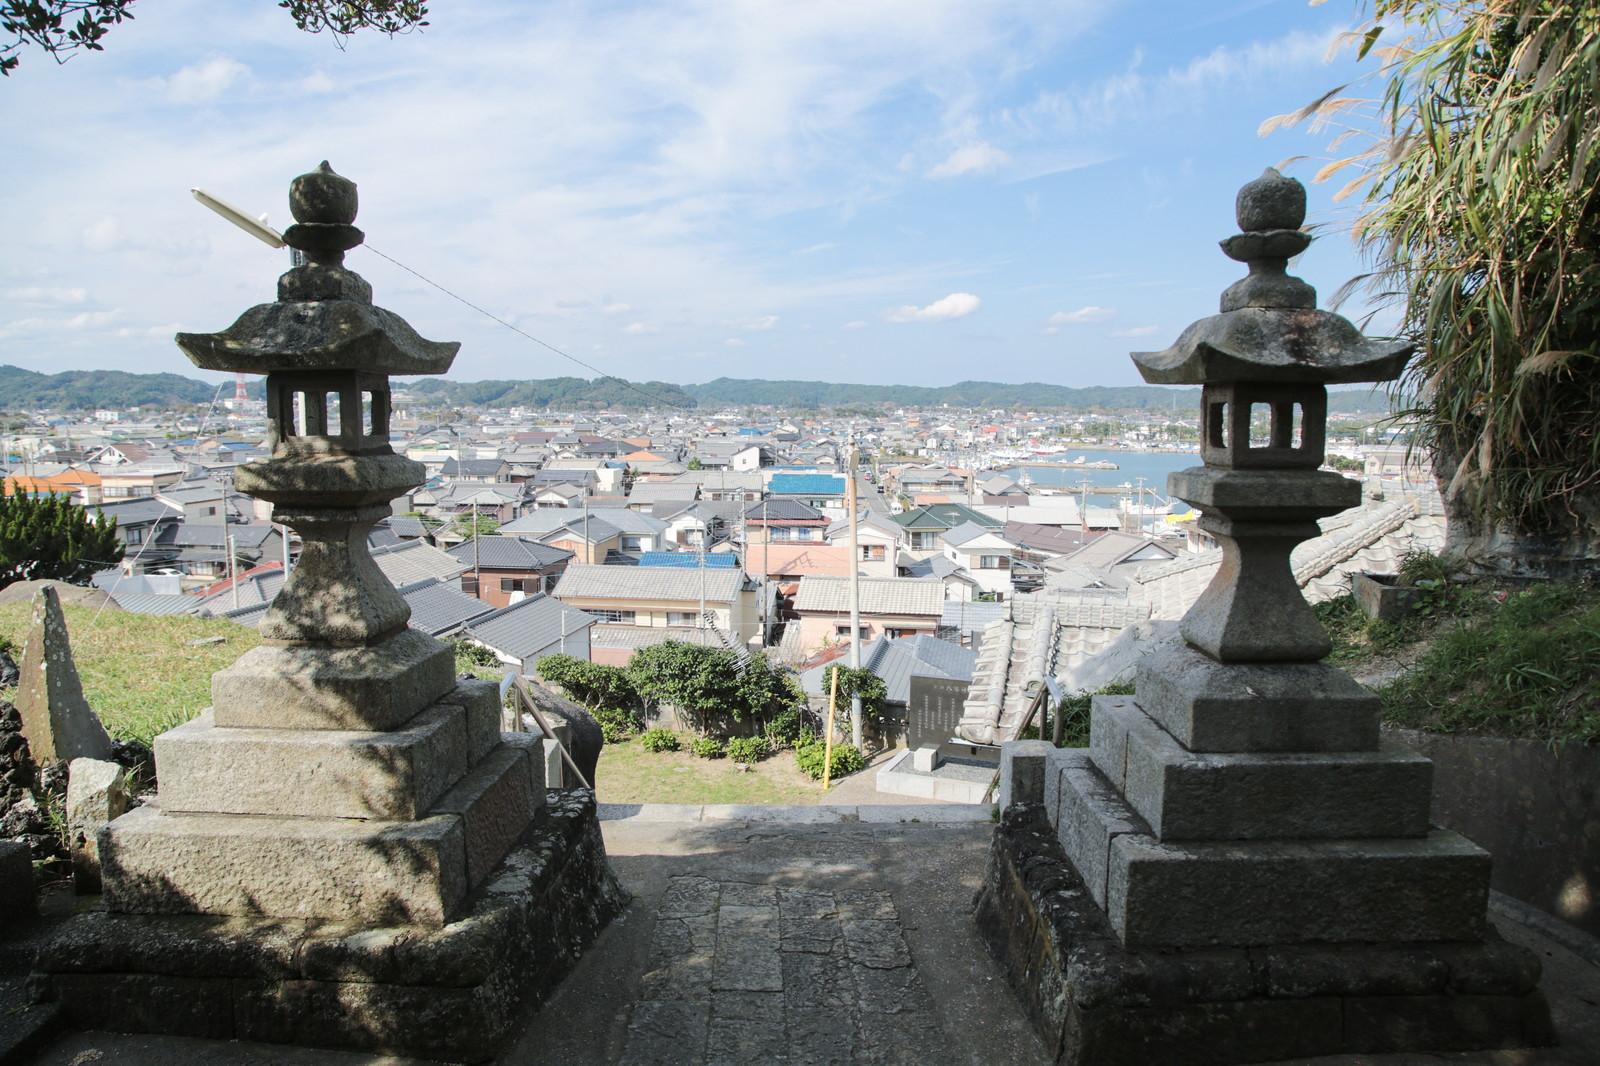 岩屋神社(山科)・観光客の知らない京都へ! その②